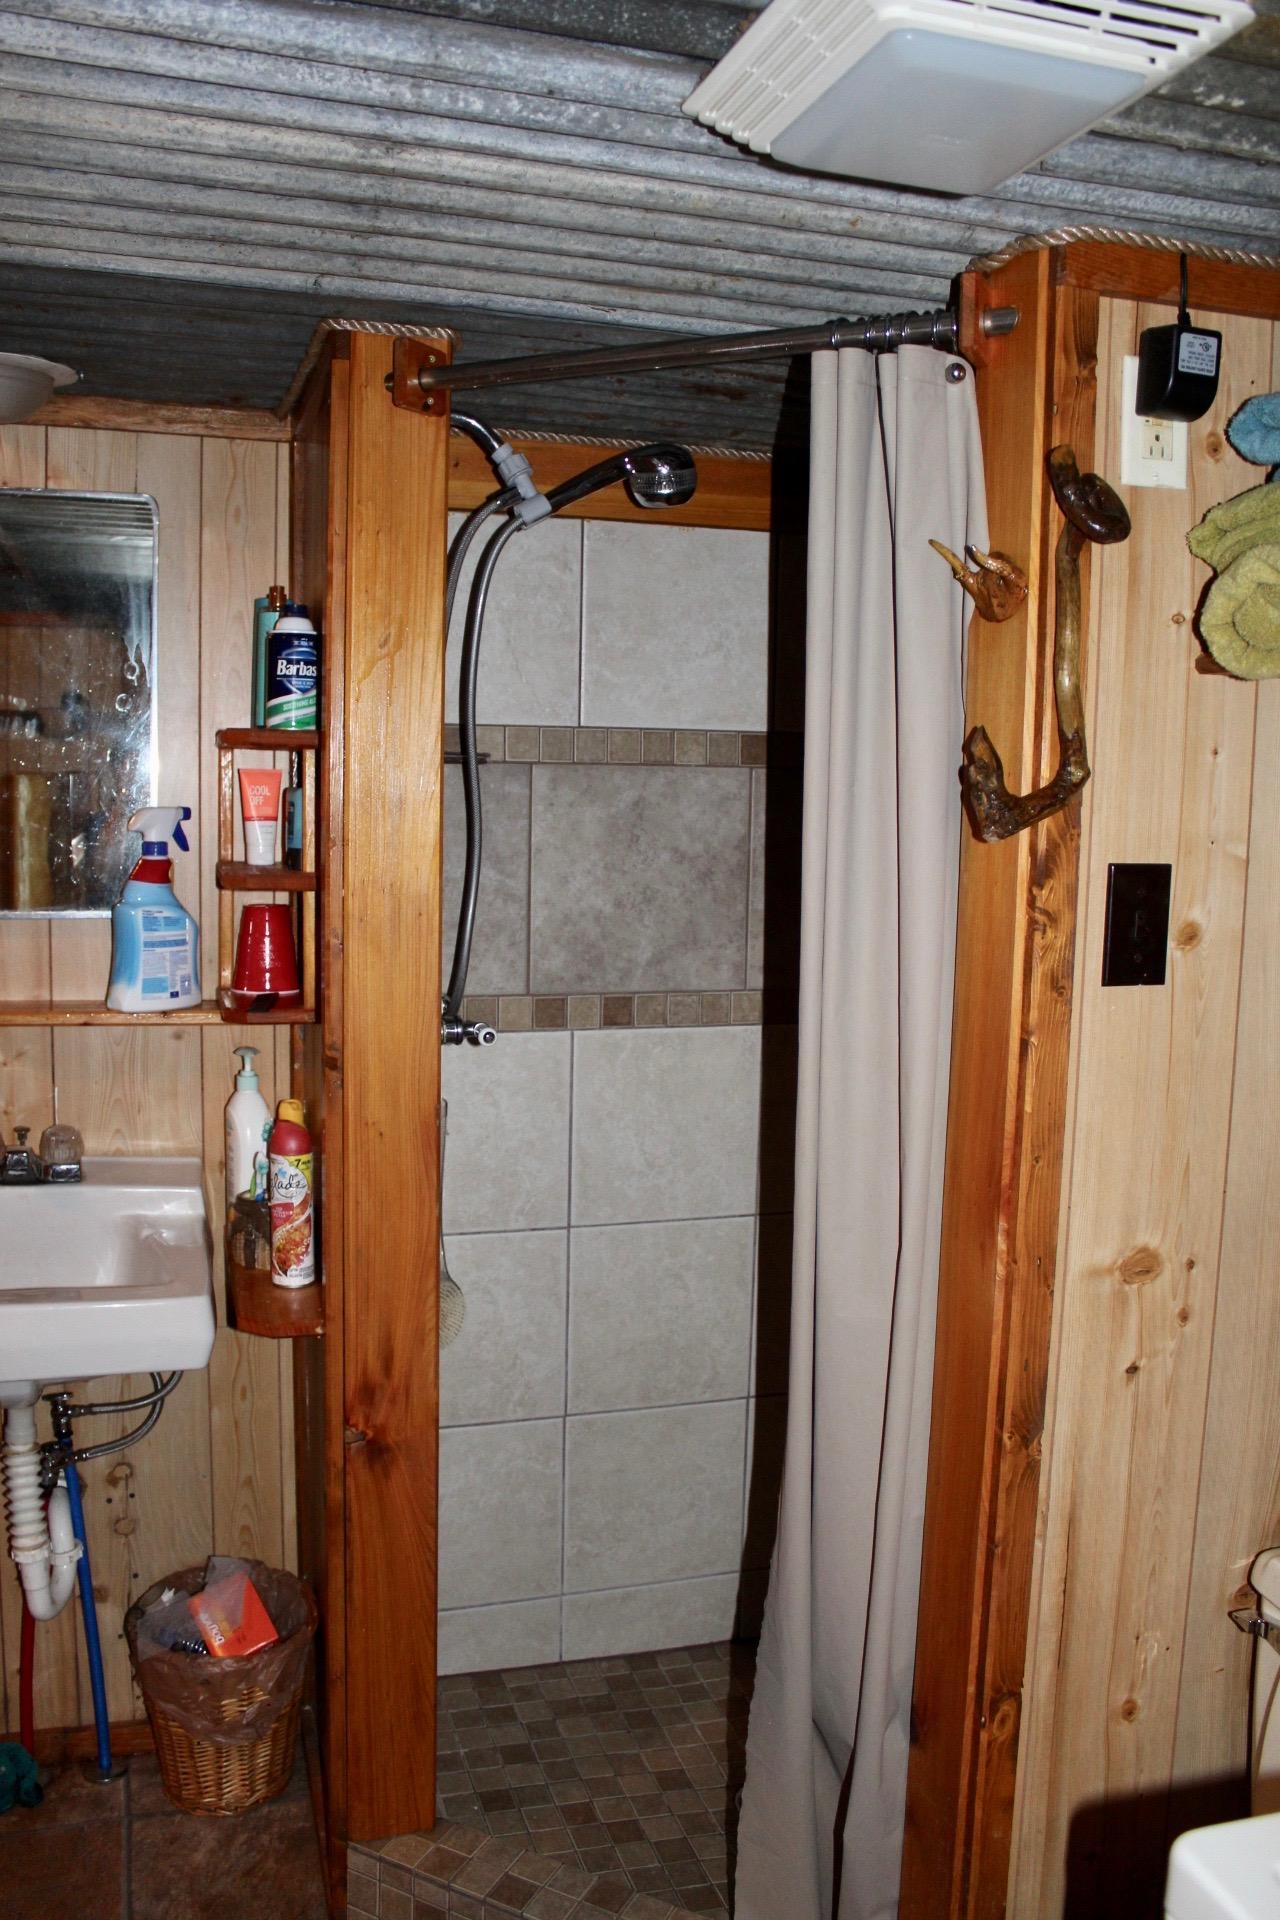 Florien home for sale, 301 holly berry dr, Florien LA - $50,000